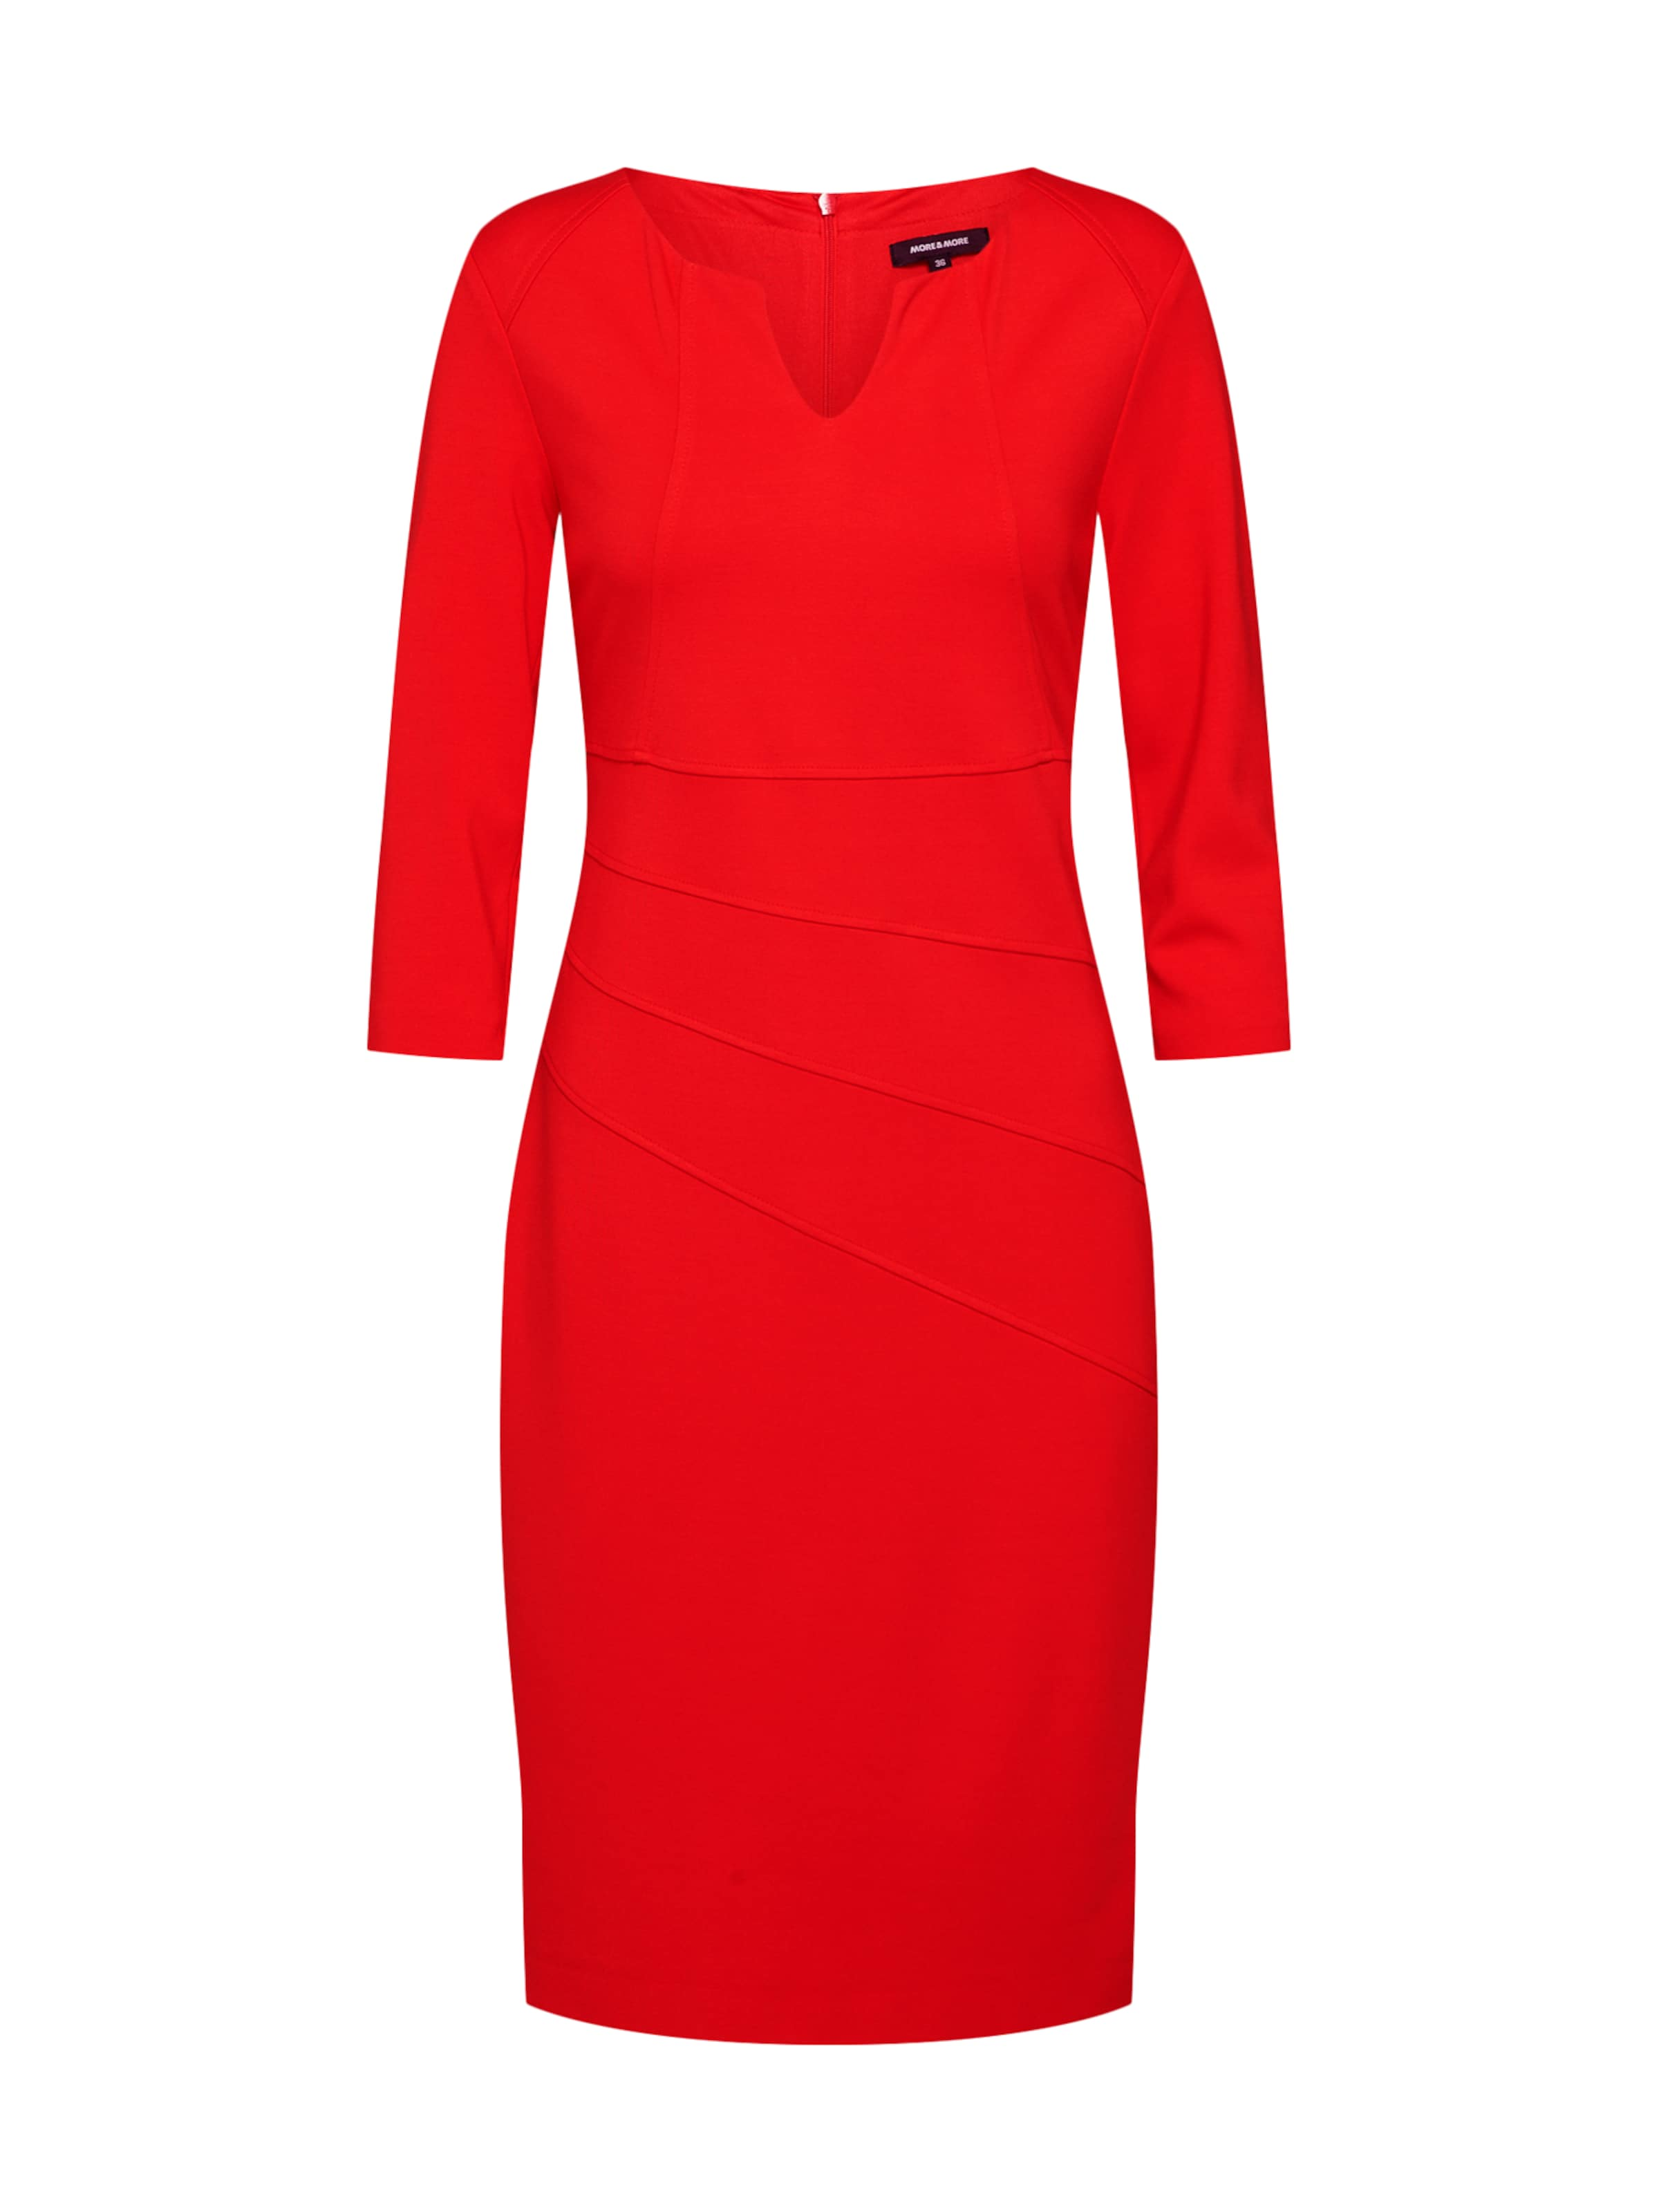 Active' Kleid Moreamp; In Dress Orangerot 'jersey xoBrdeC